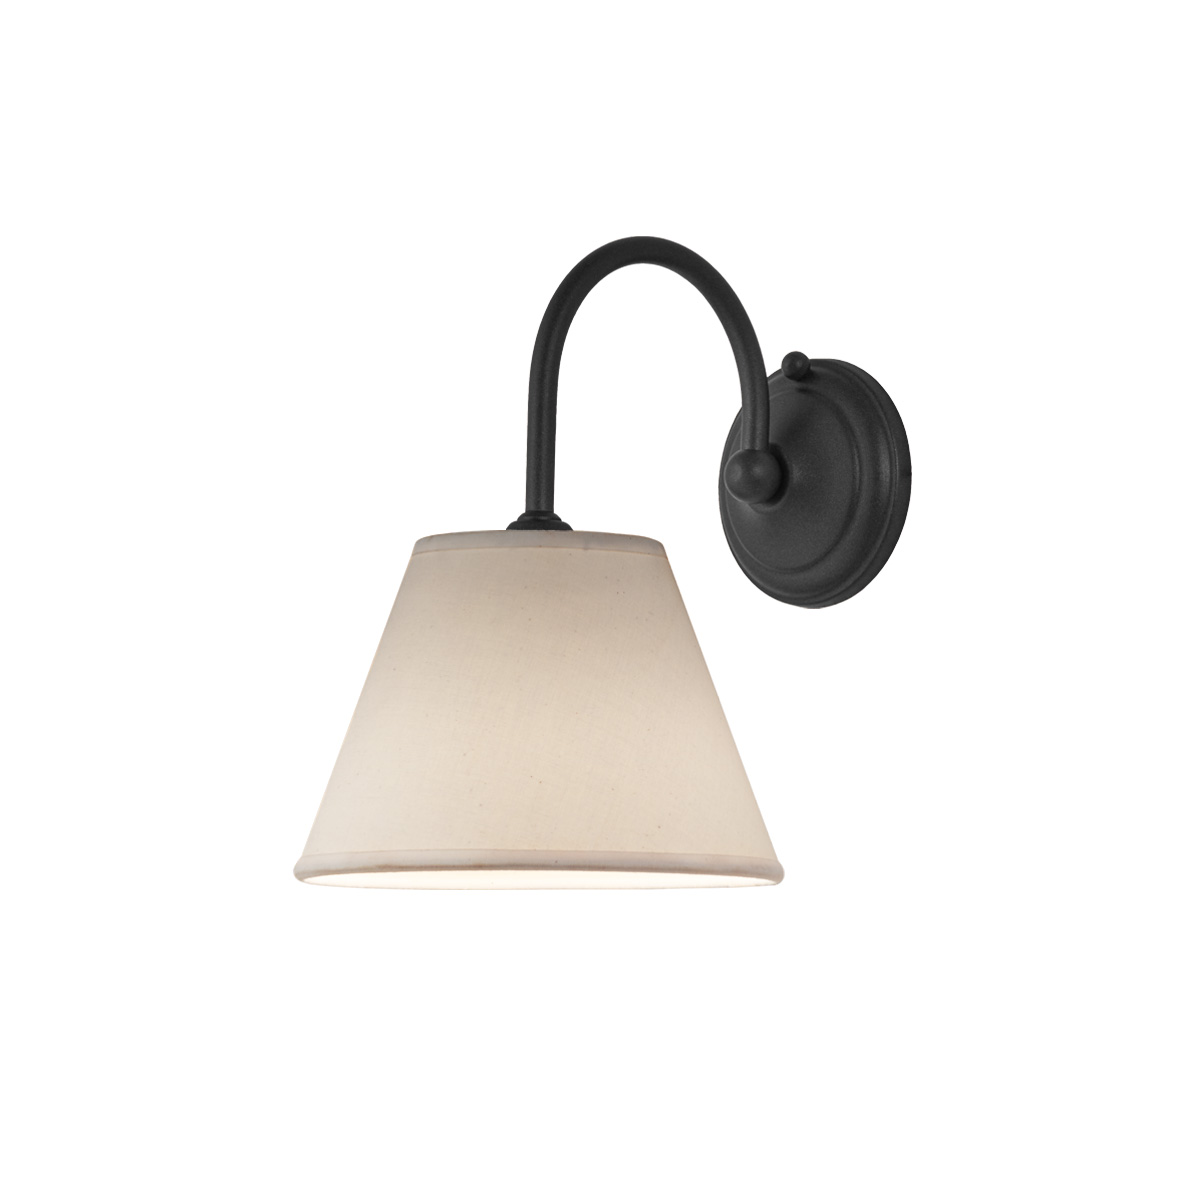 Φωτιστικό τοίχου γραφίτης με καπέλο ΝΑΞΟΣ-2 graphite wall lamp with lamp shade